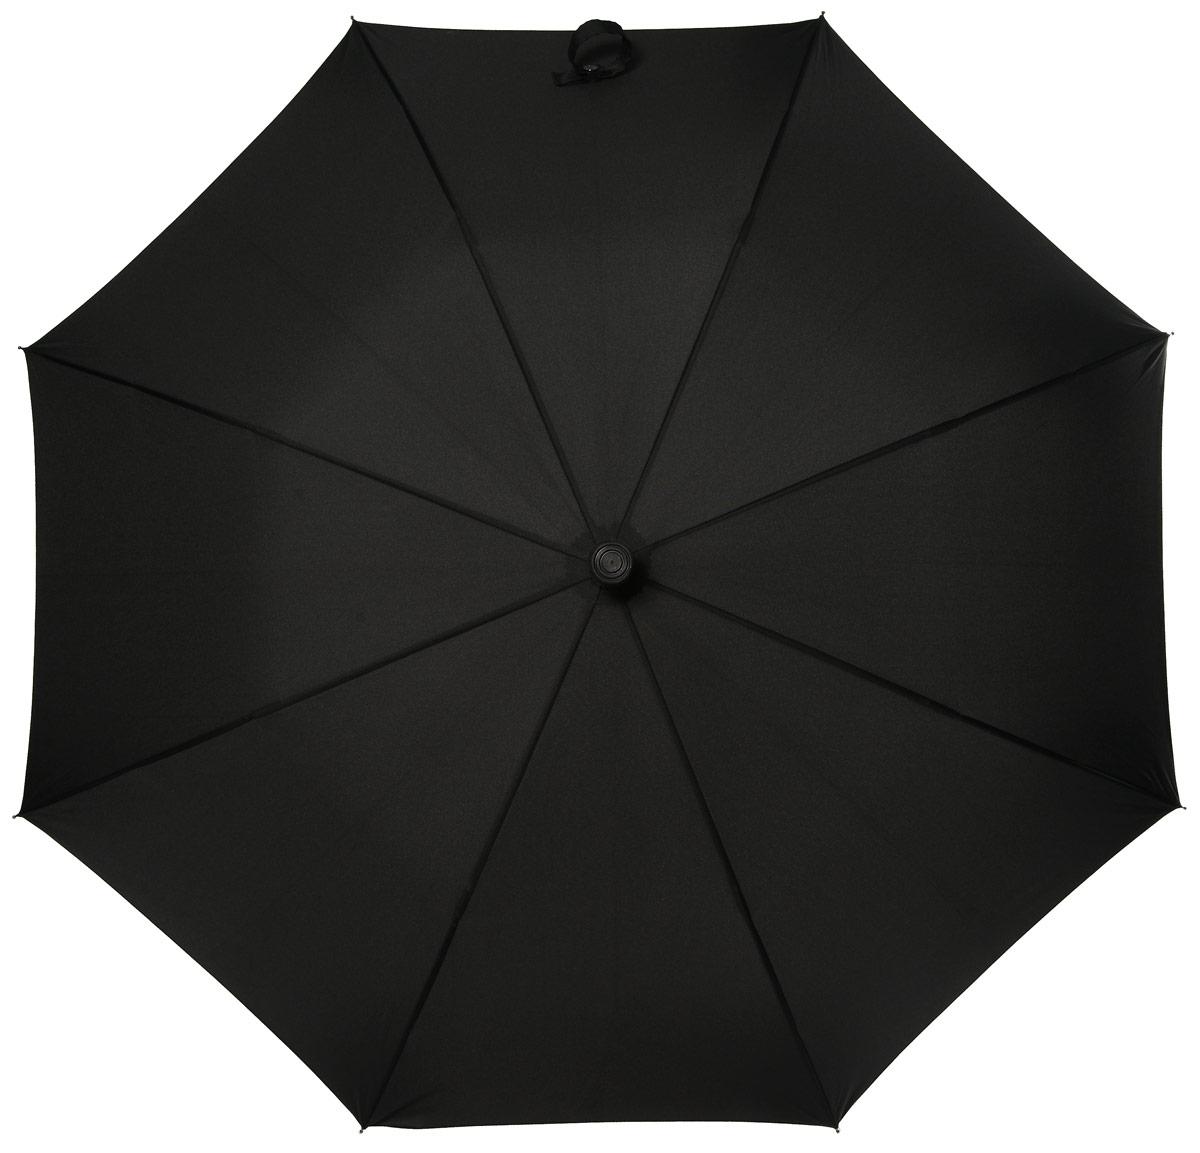 Зонт мужской трость Fulton, расцветка: черный. G827-01 BlackG827-01 BlackКрепкая трость с регулируемой длиной Особо прочный фиберглассовый каркас Резиновый нескользящий наконечник Купол из полиэстра высокого качества диаметр - 100 см Протестированный Британским Стандартом BS5205:1990